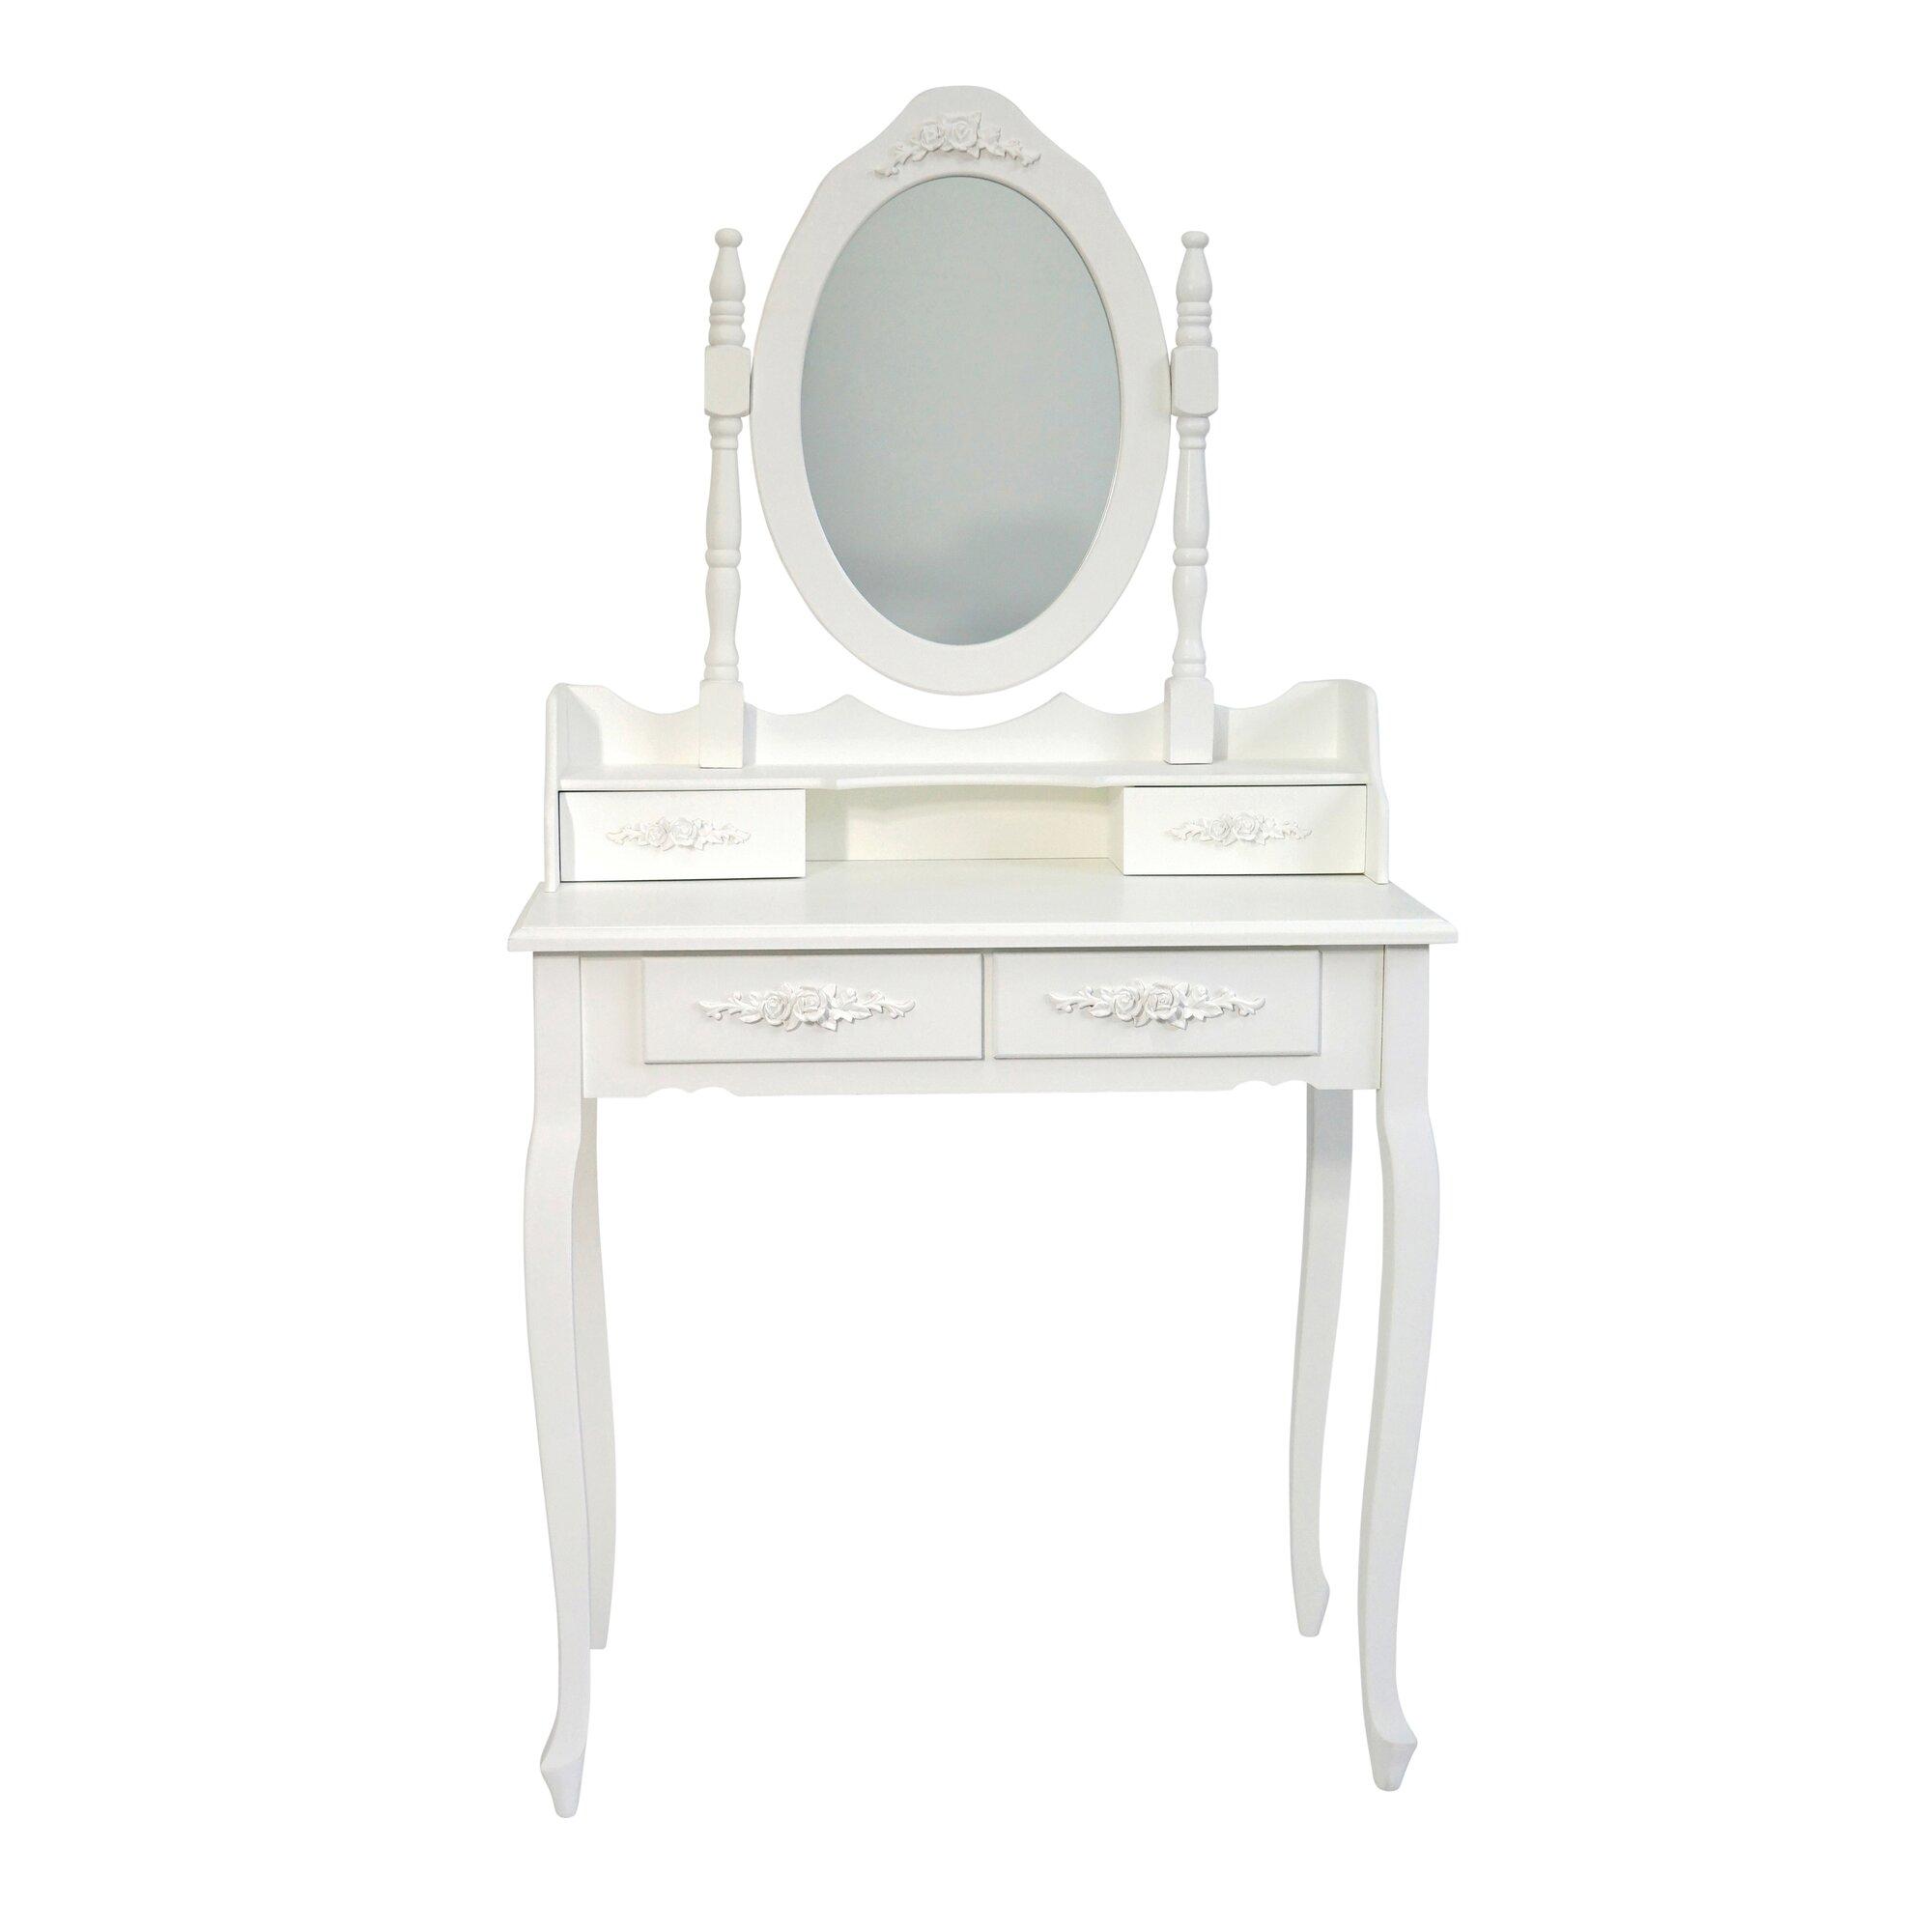 maison alouette schminktisch juneau mit spiegel bewertungen. Black Bedroom Furniture Sets. Home Design Ideas